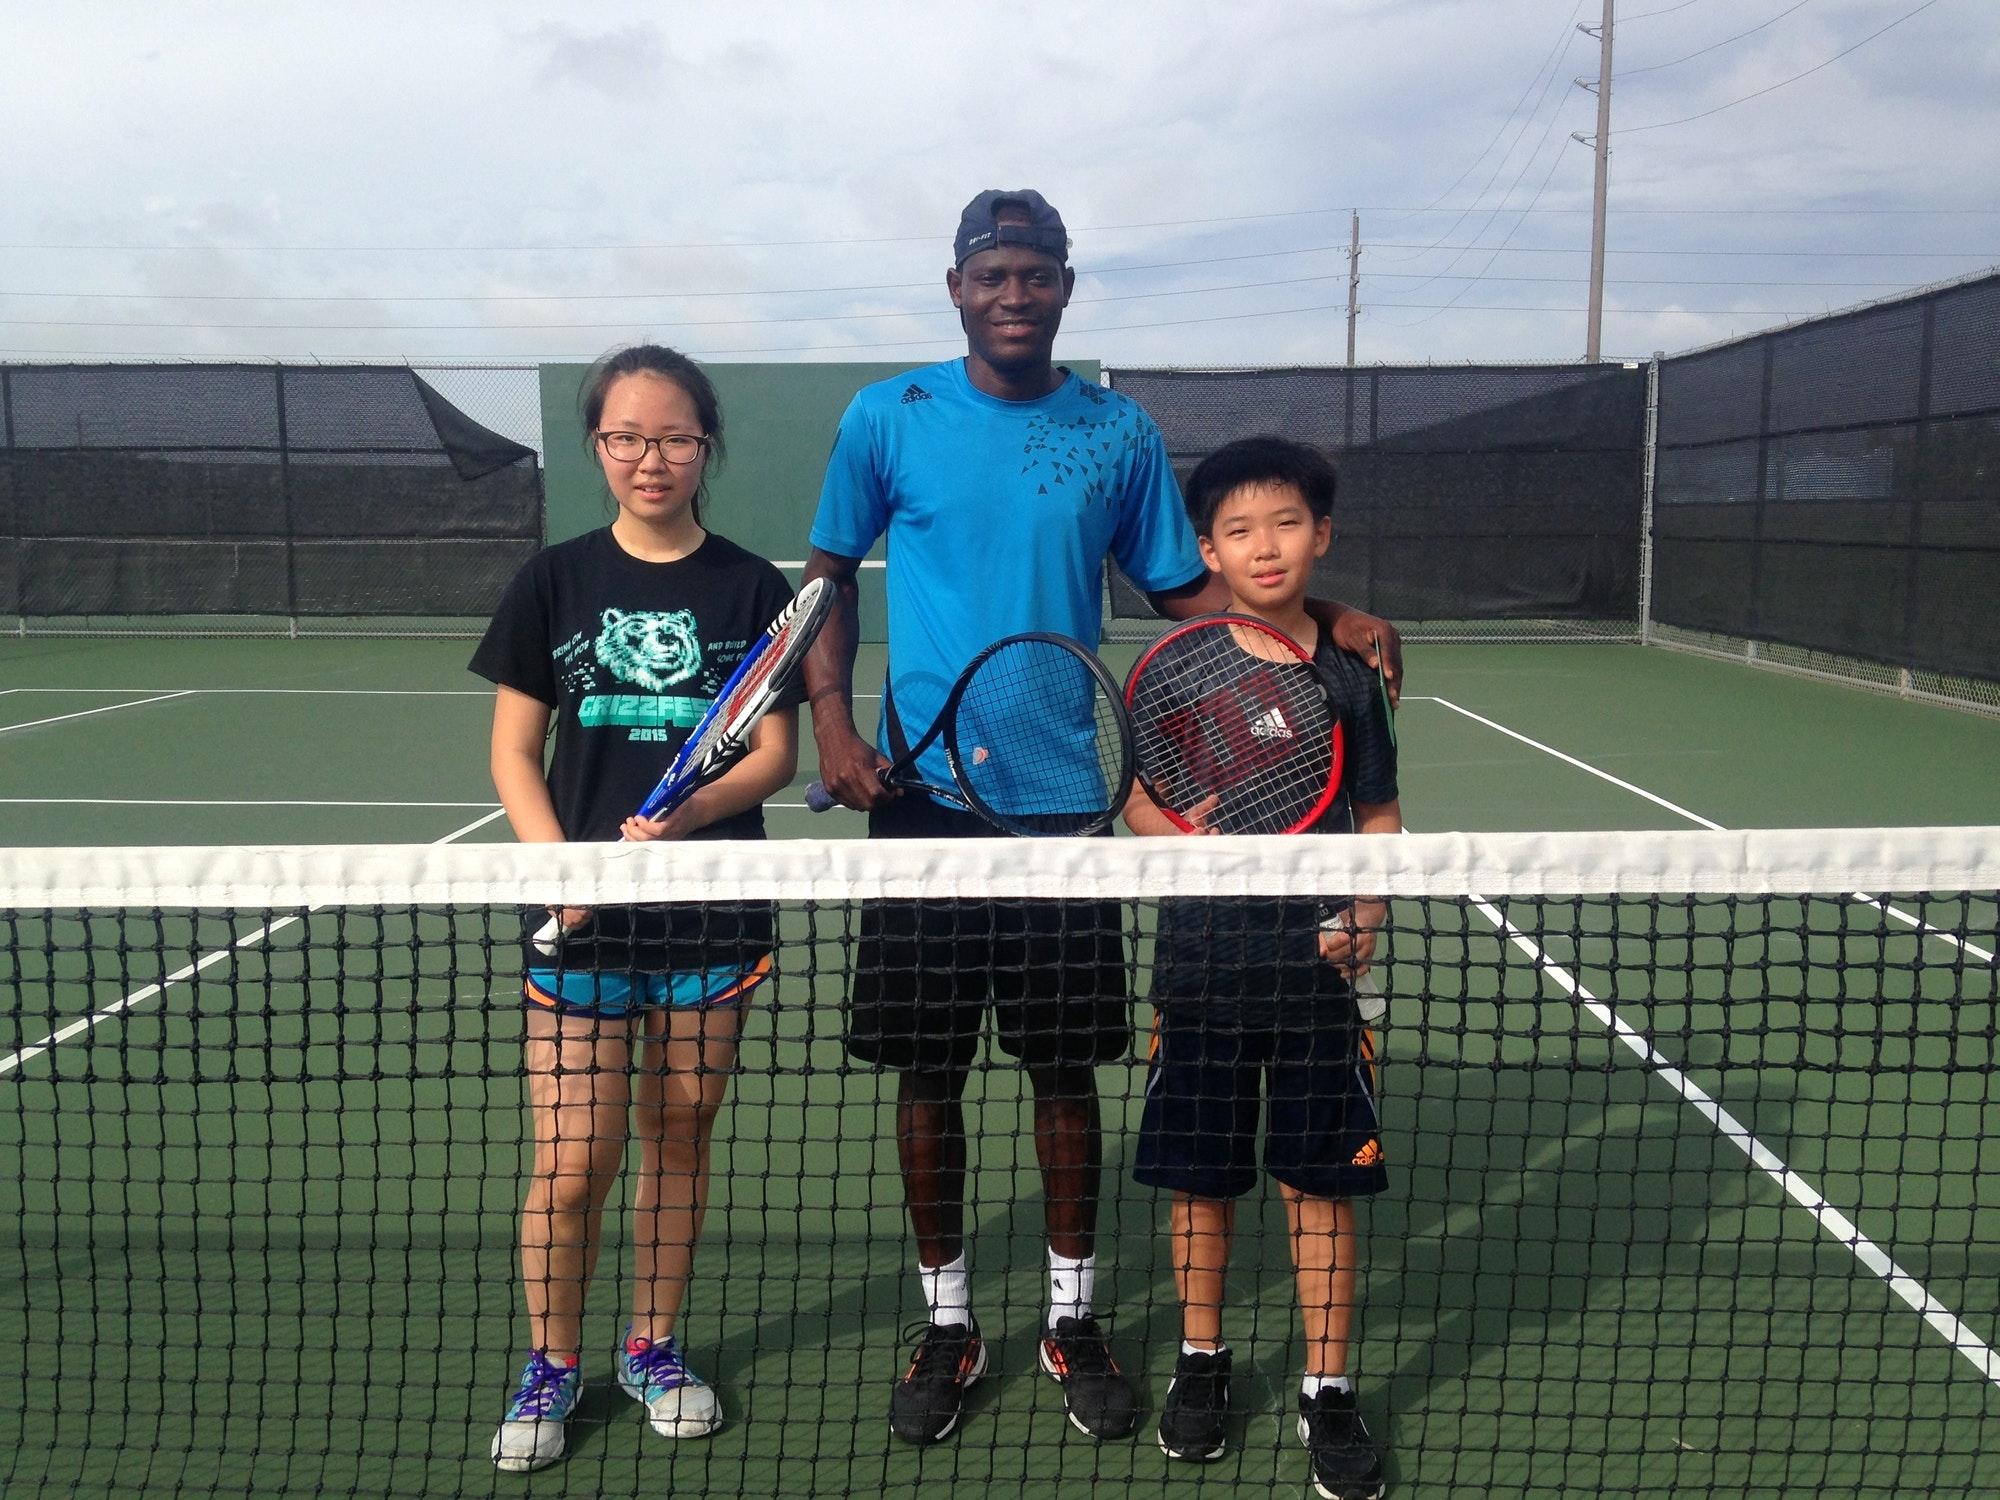 Julius A. teaches tennis lessons in Katy, TX